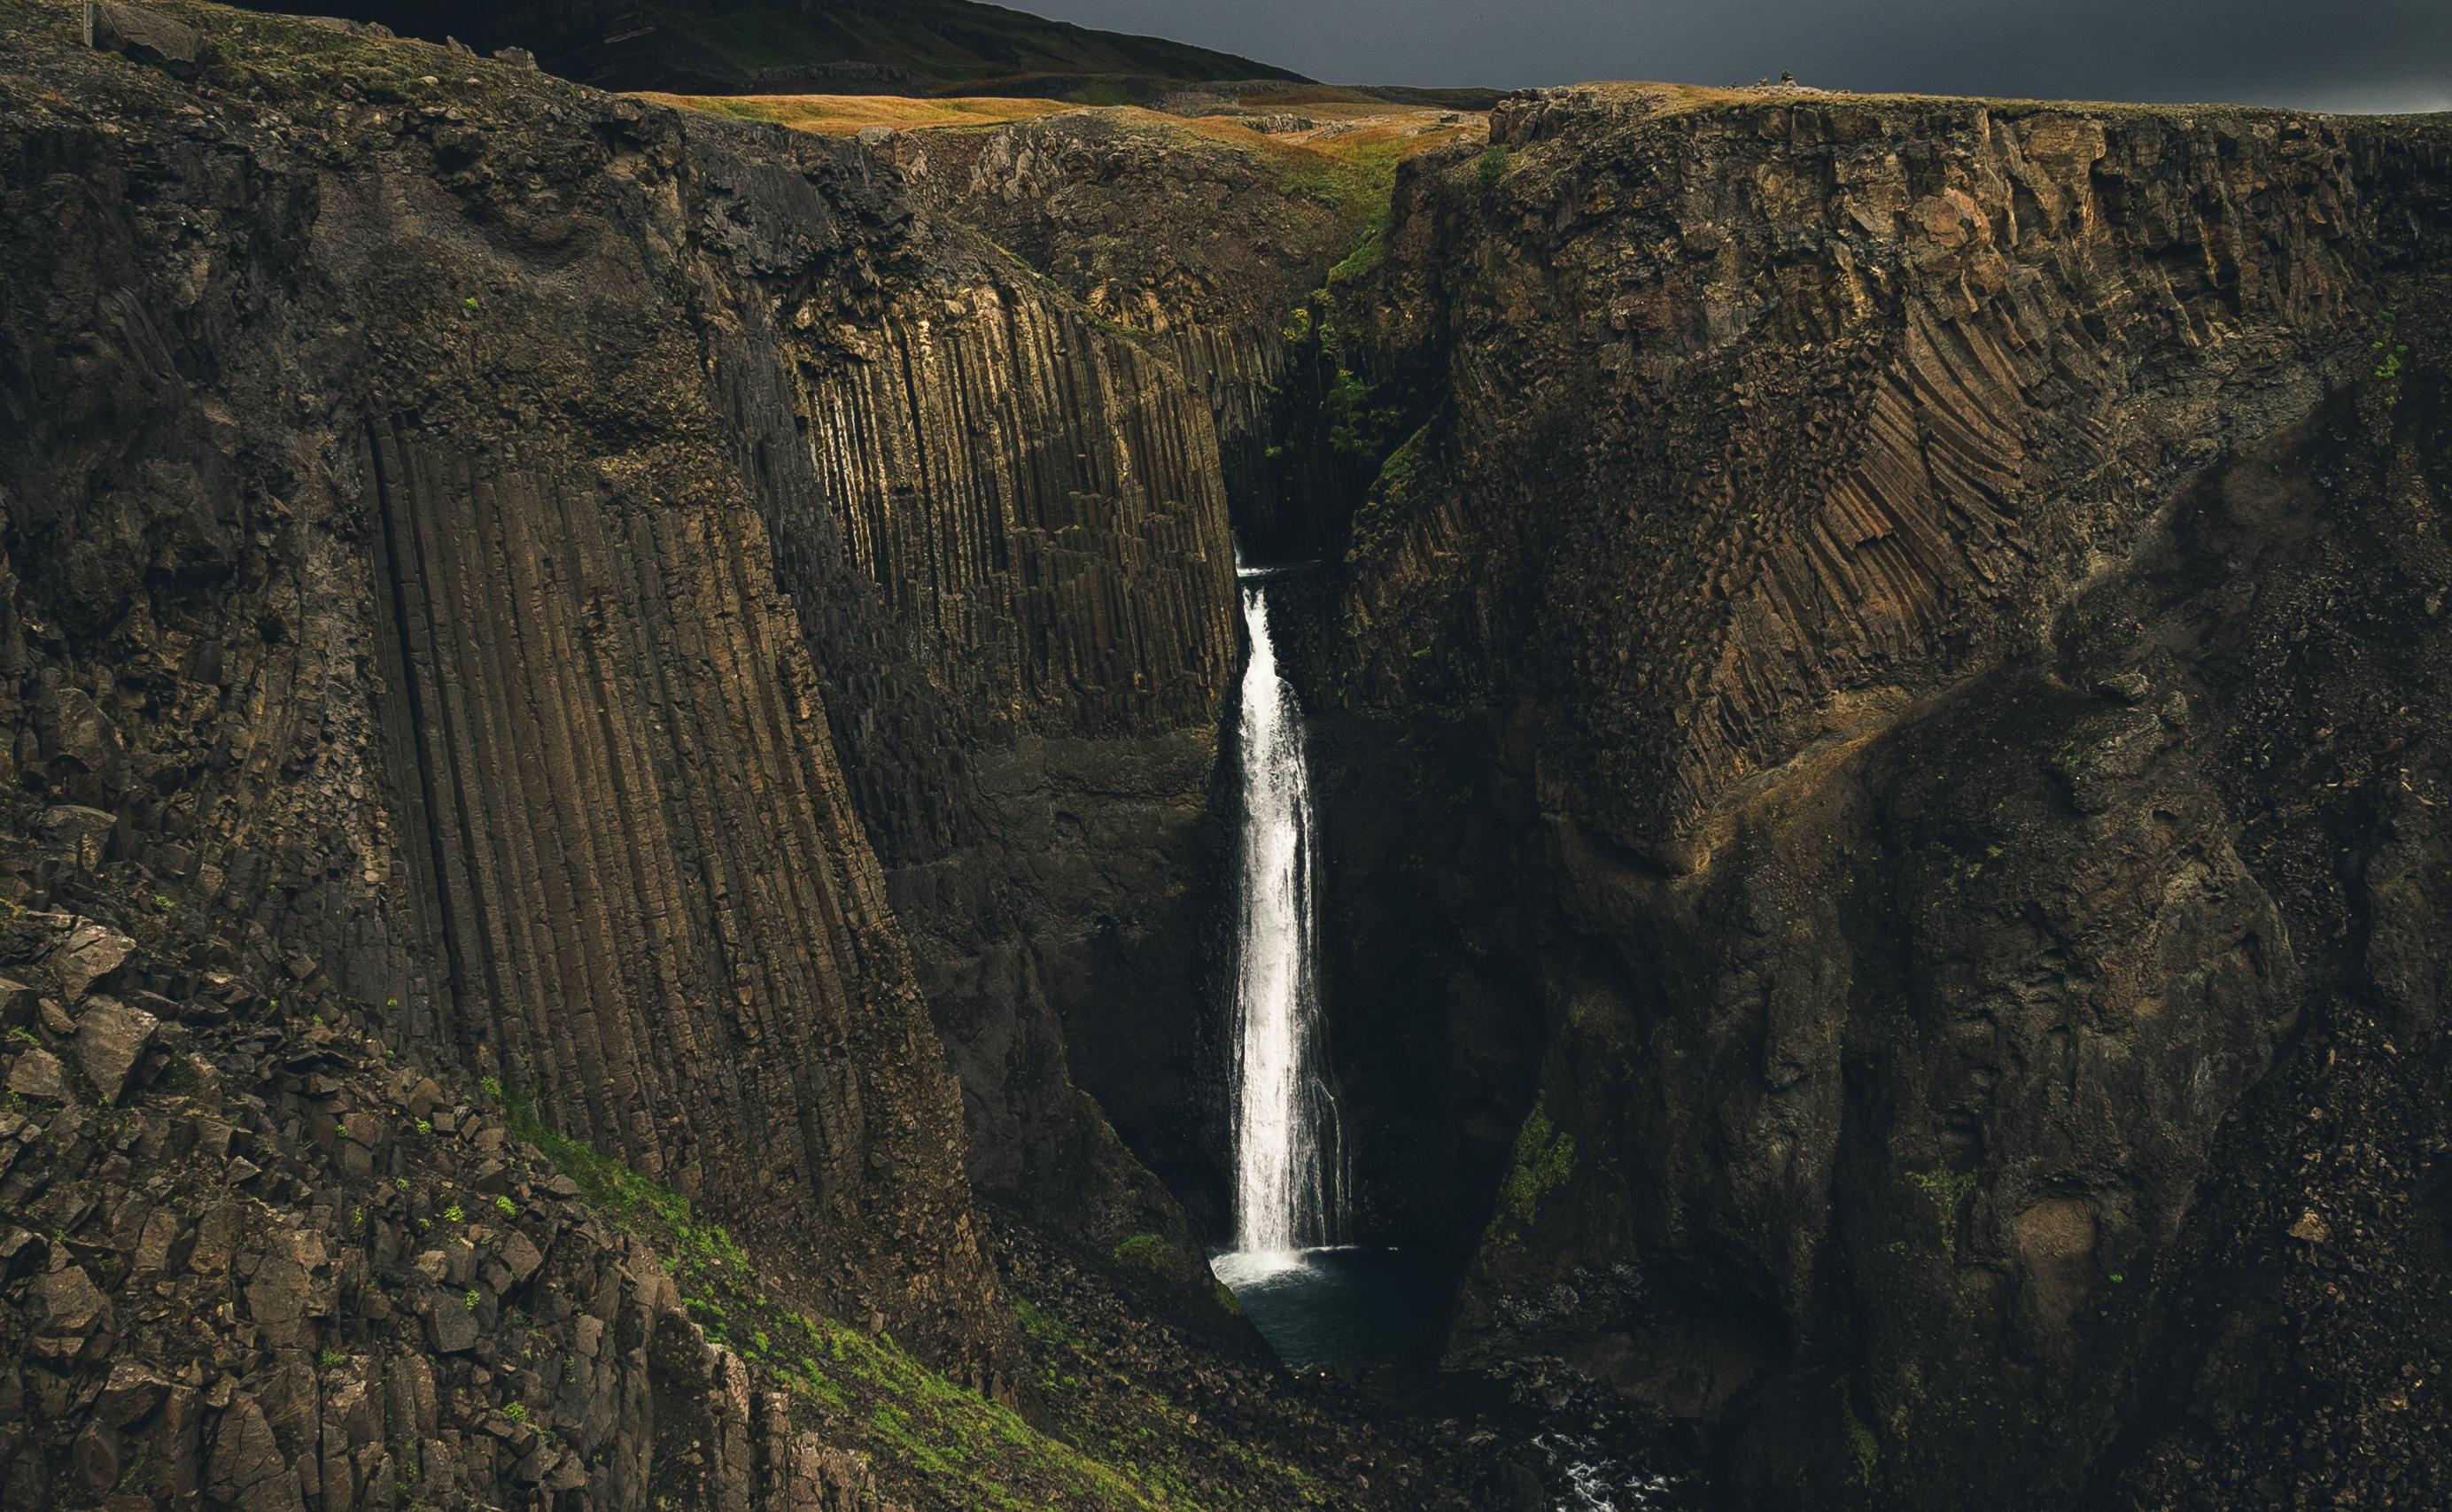 De verafgelegen en uitgestrekte oostfjorden gaan je betoveren met hun verbazingwekkende schoonheid.